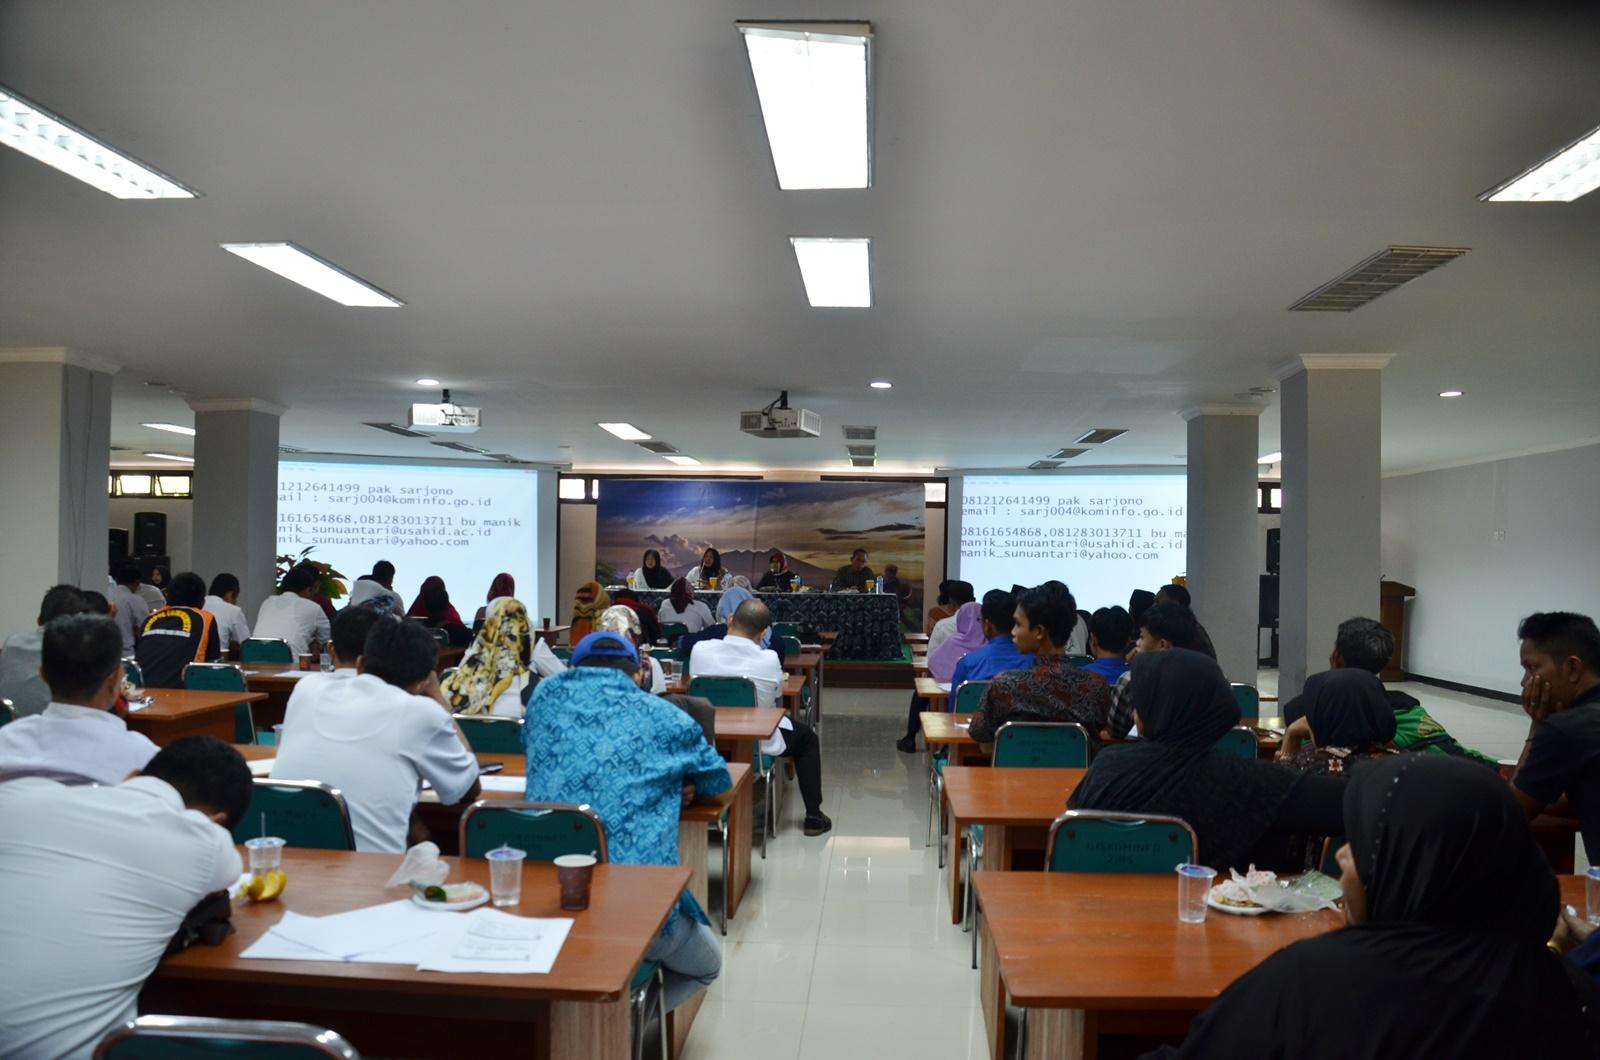 Manfaatkan Peran KIM Untuk Menciptakan Pembangunan Daerah  Kabupaten Bogor Sesuai Aspirasi Masyarakat